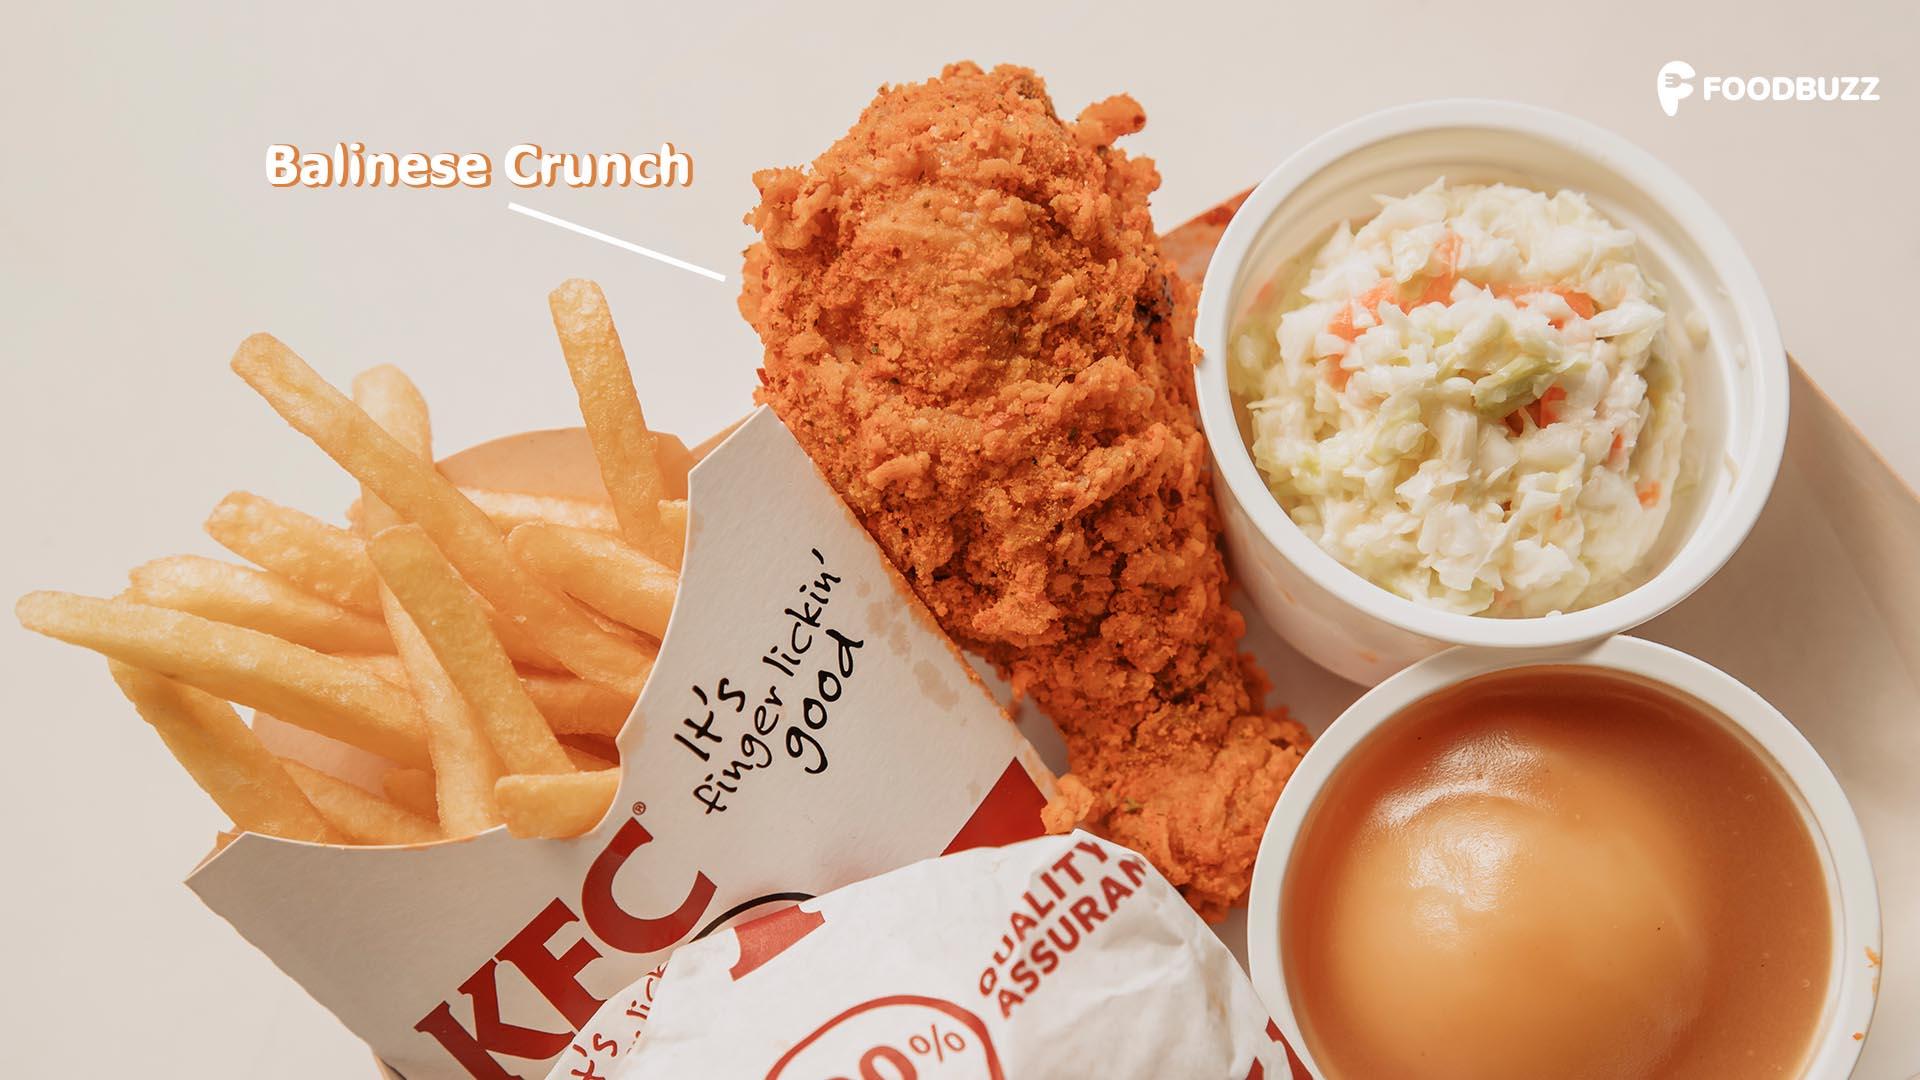 ថ្មី! KFC Balinese Crunch ស្រួយឆ្ងាញ់ ជូរតិចហឹរតិច! ដូចកំពុងញ៉ាំនៅកោះបាលីអ៊ីចឹង!